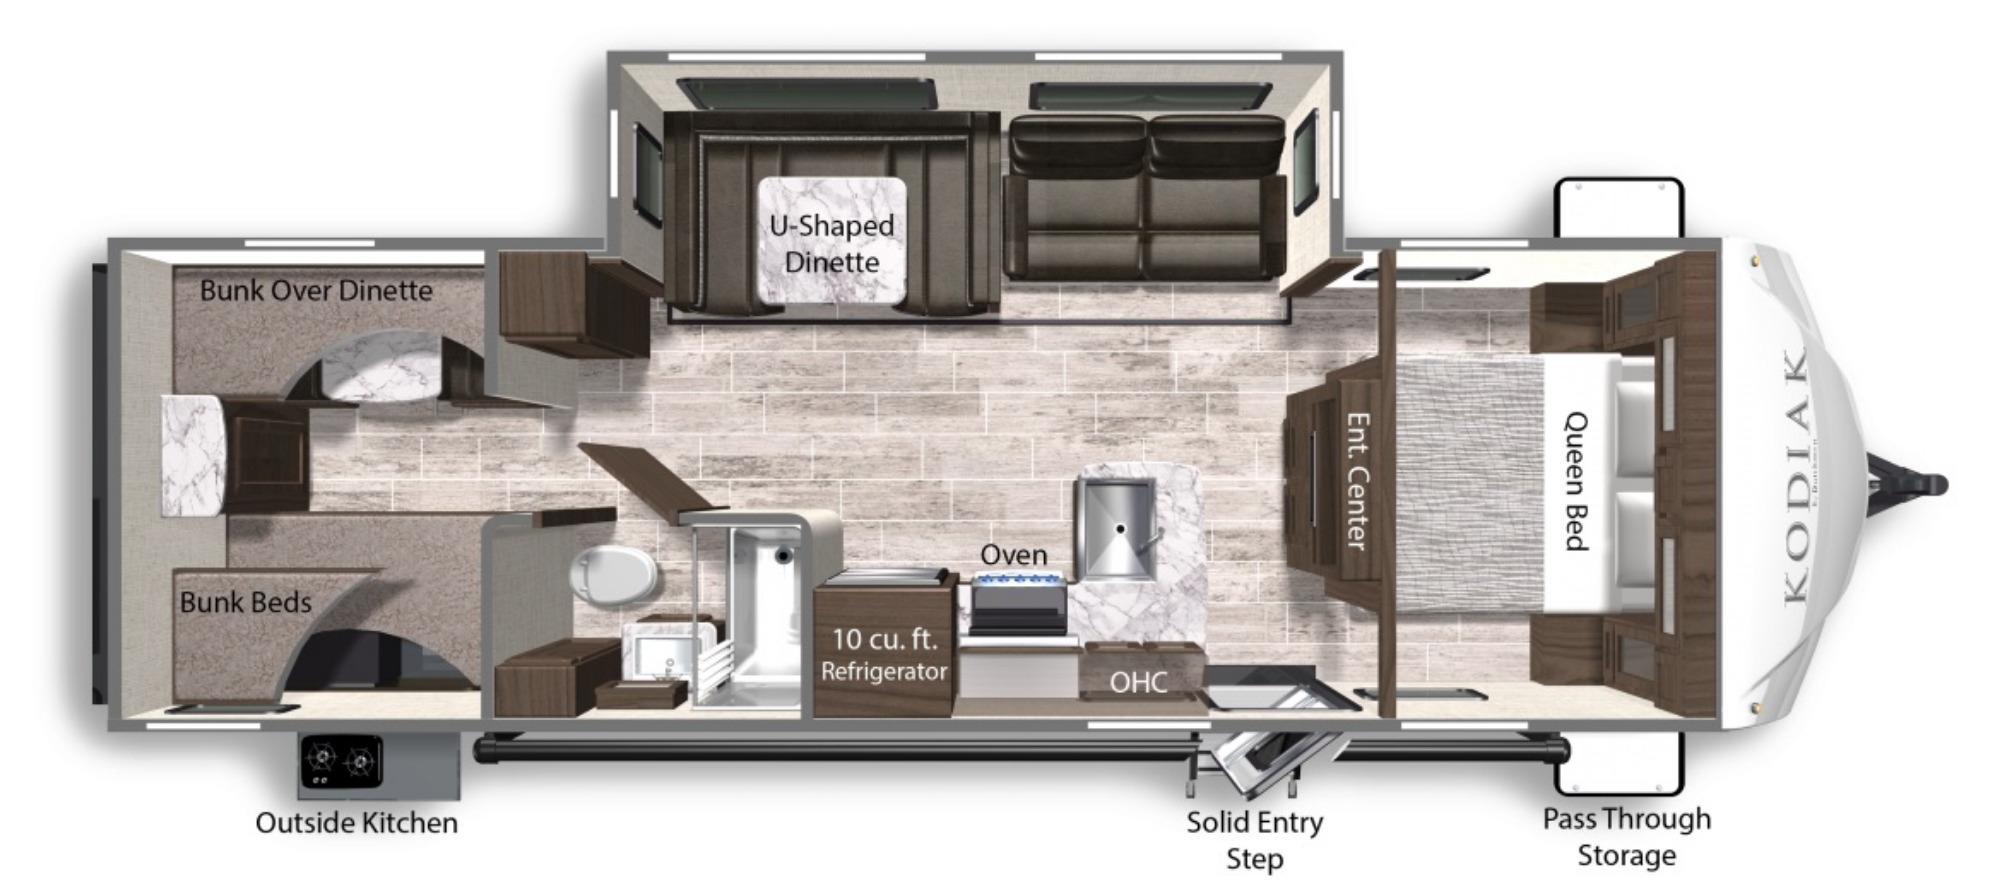 View Floor Plan for 2022 DUTCHMEN KODIAK 283BHSL